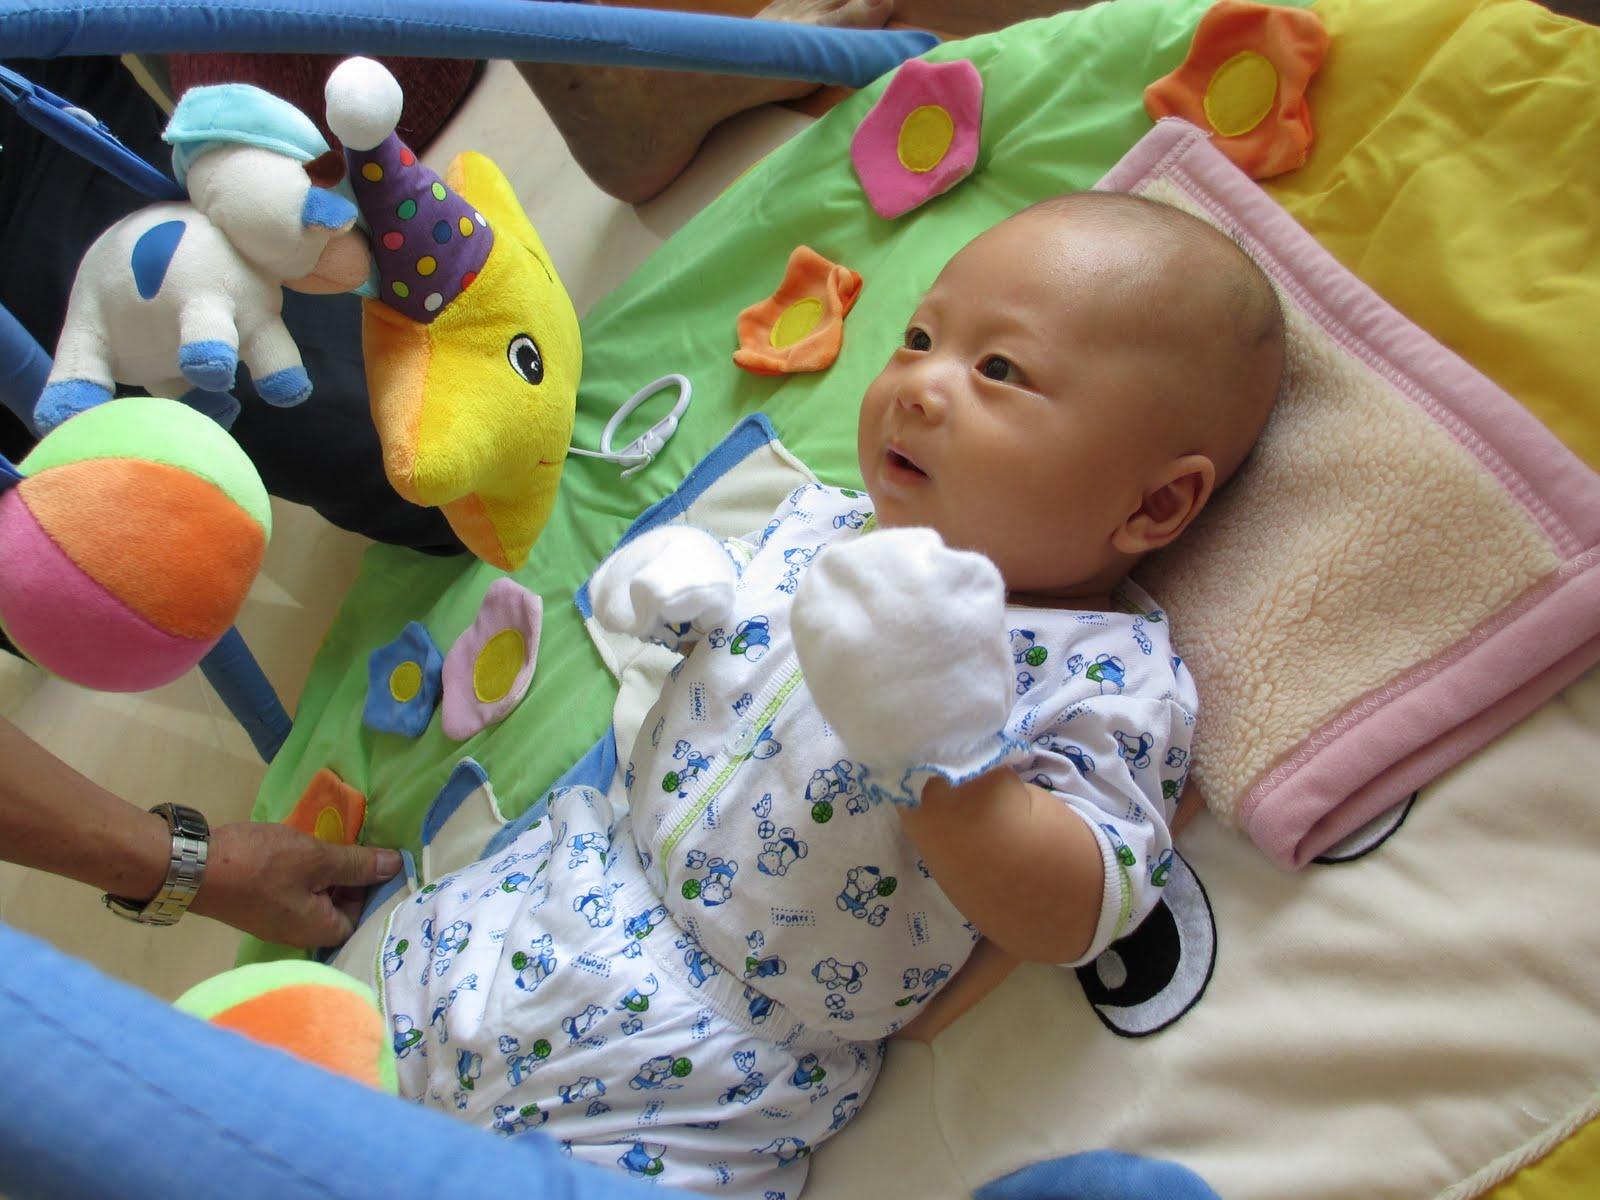 temps d'éveil bébé 1 mois